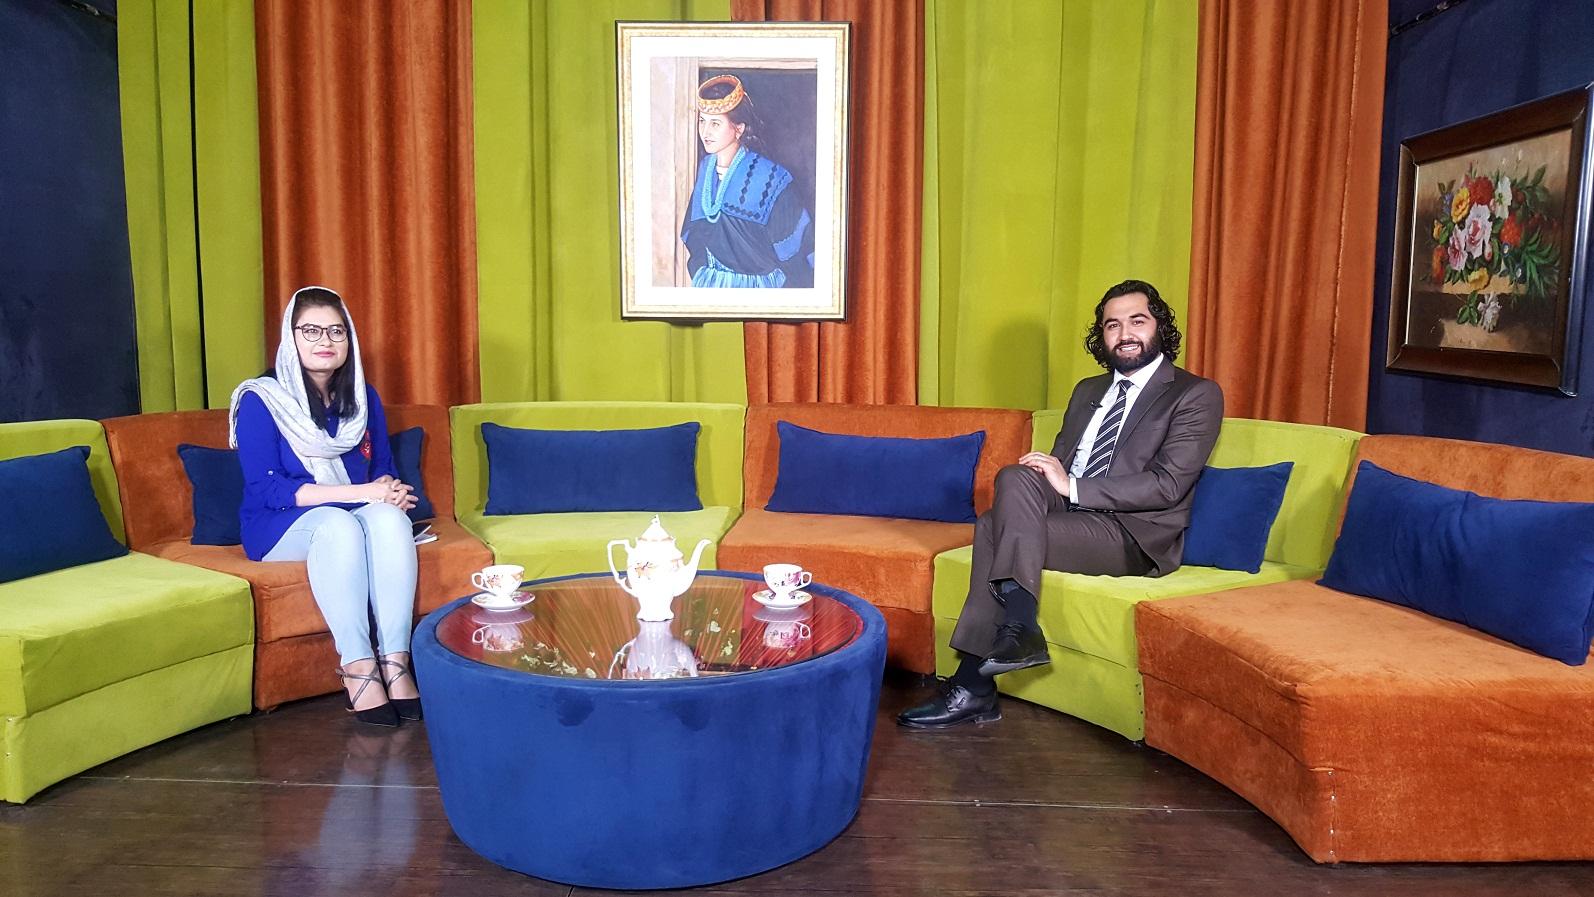 تصاویر از جریان مصاحبه  و شعر خوانی احمد محمود امپراطور  در برنامه بامدادی بامشاد تلویزیون جهانی زن. پنجشنبه 27 سرطان 1398 خورشیدی هژدهم جولای 2019 ترسایی